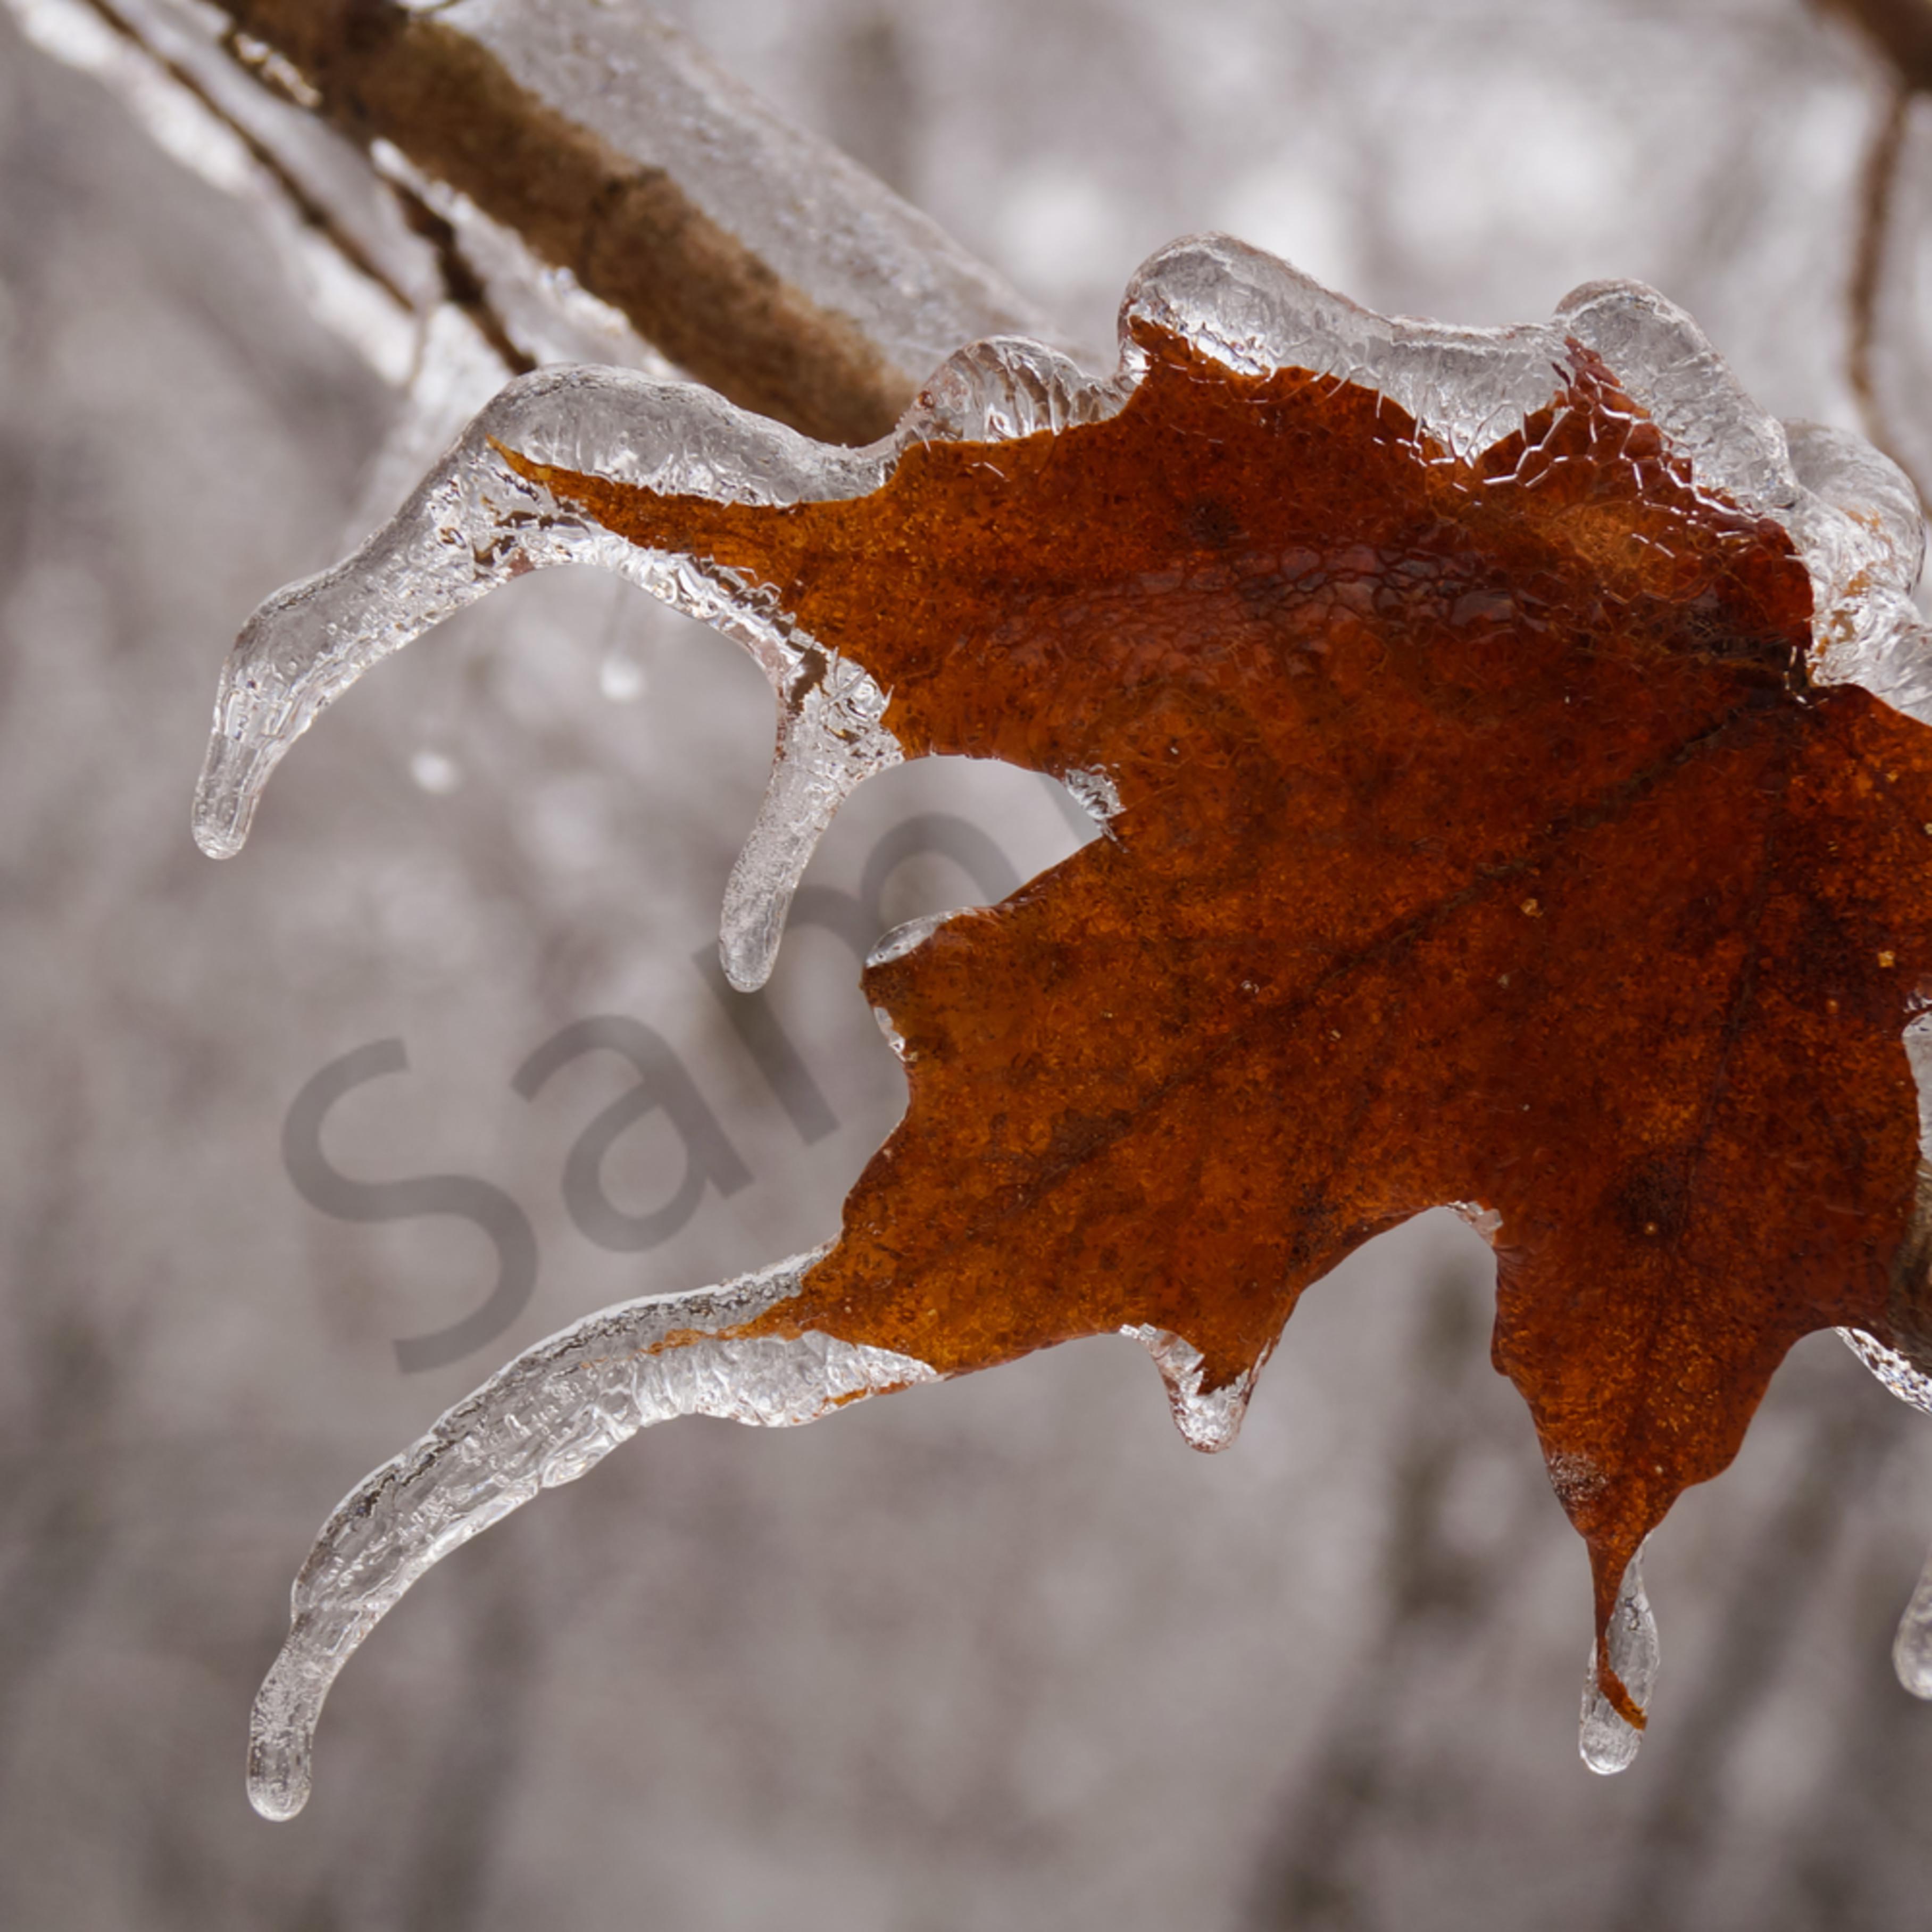 Frozen rg421u